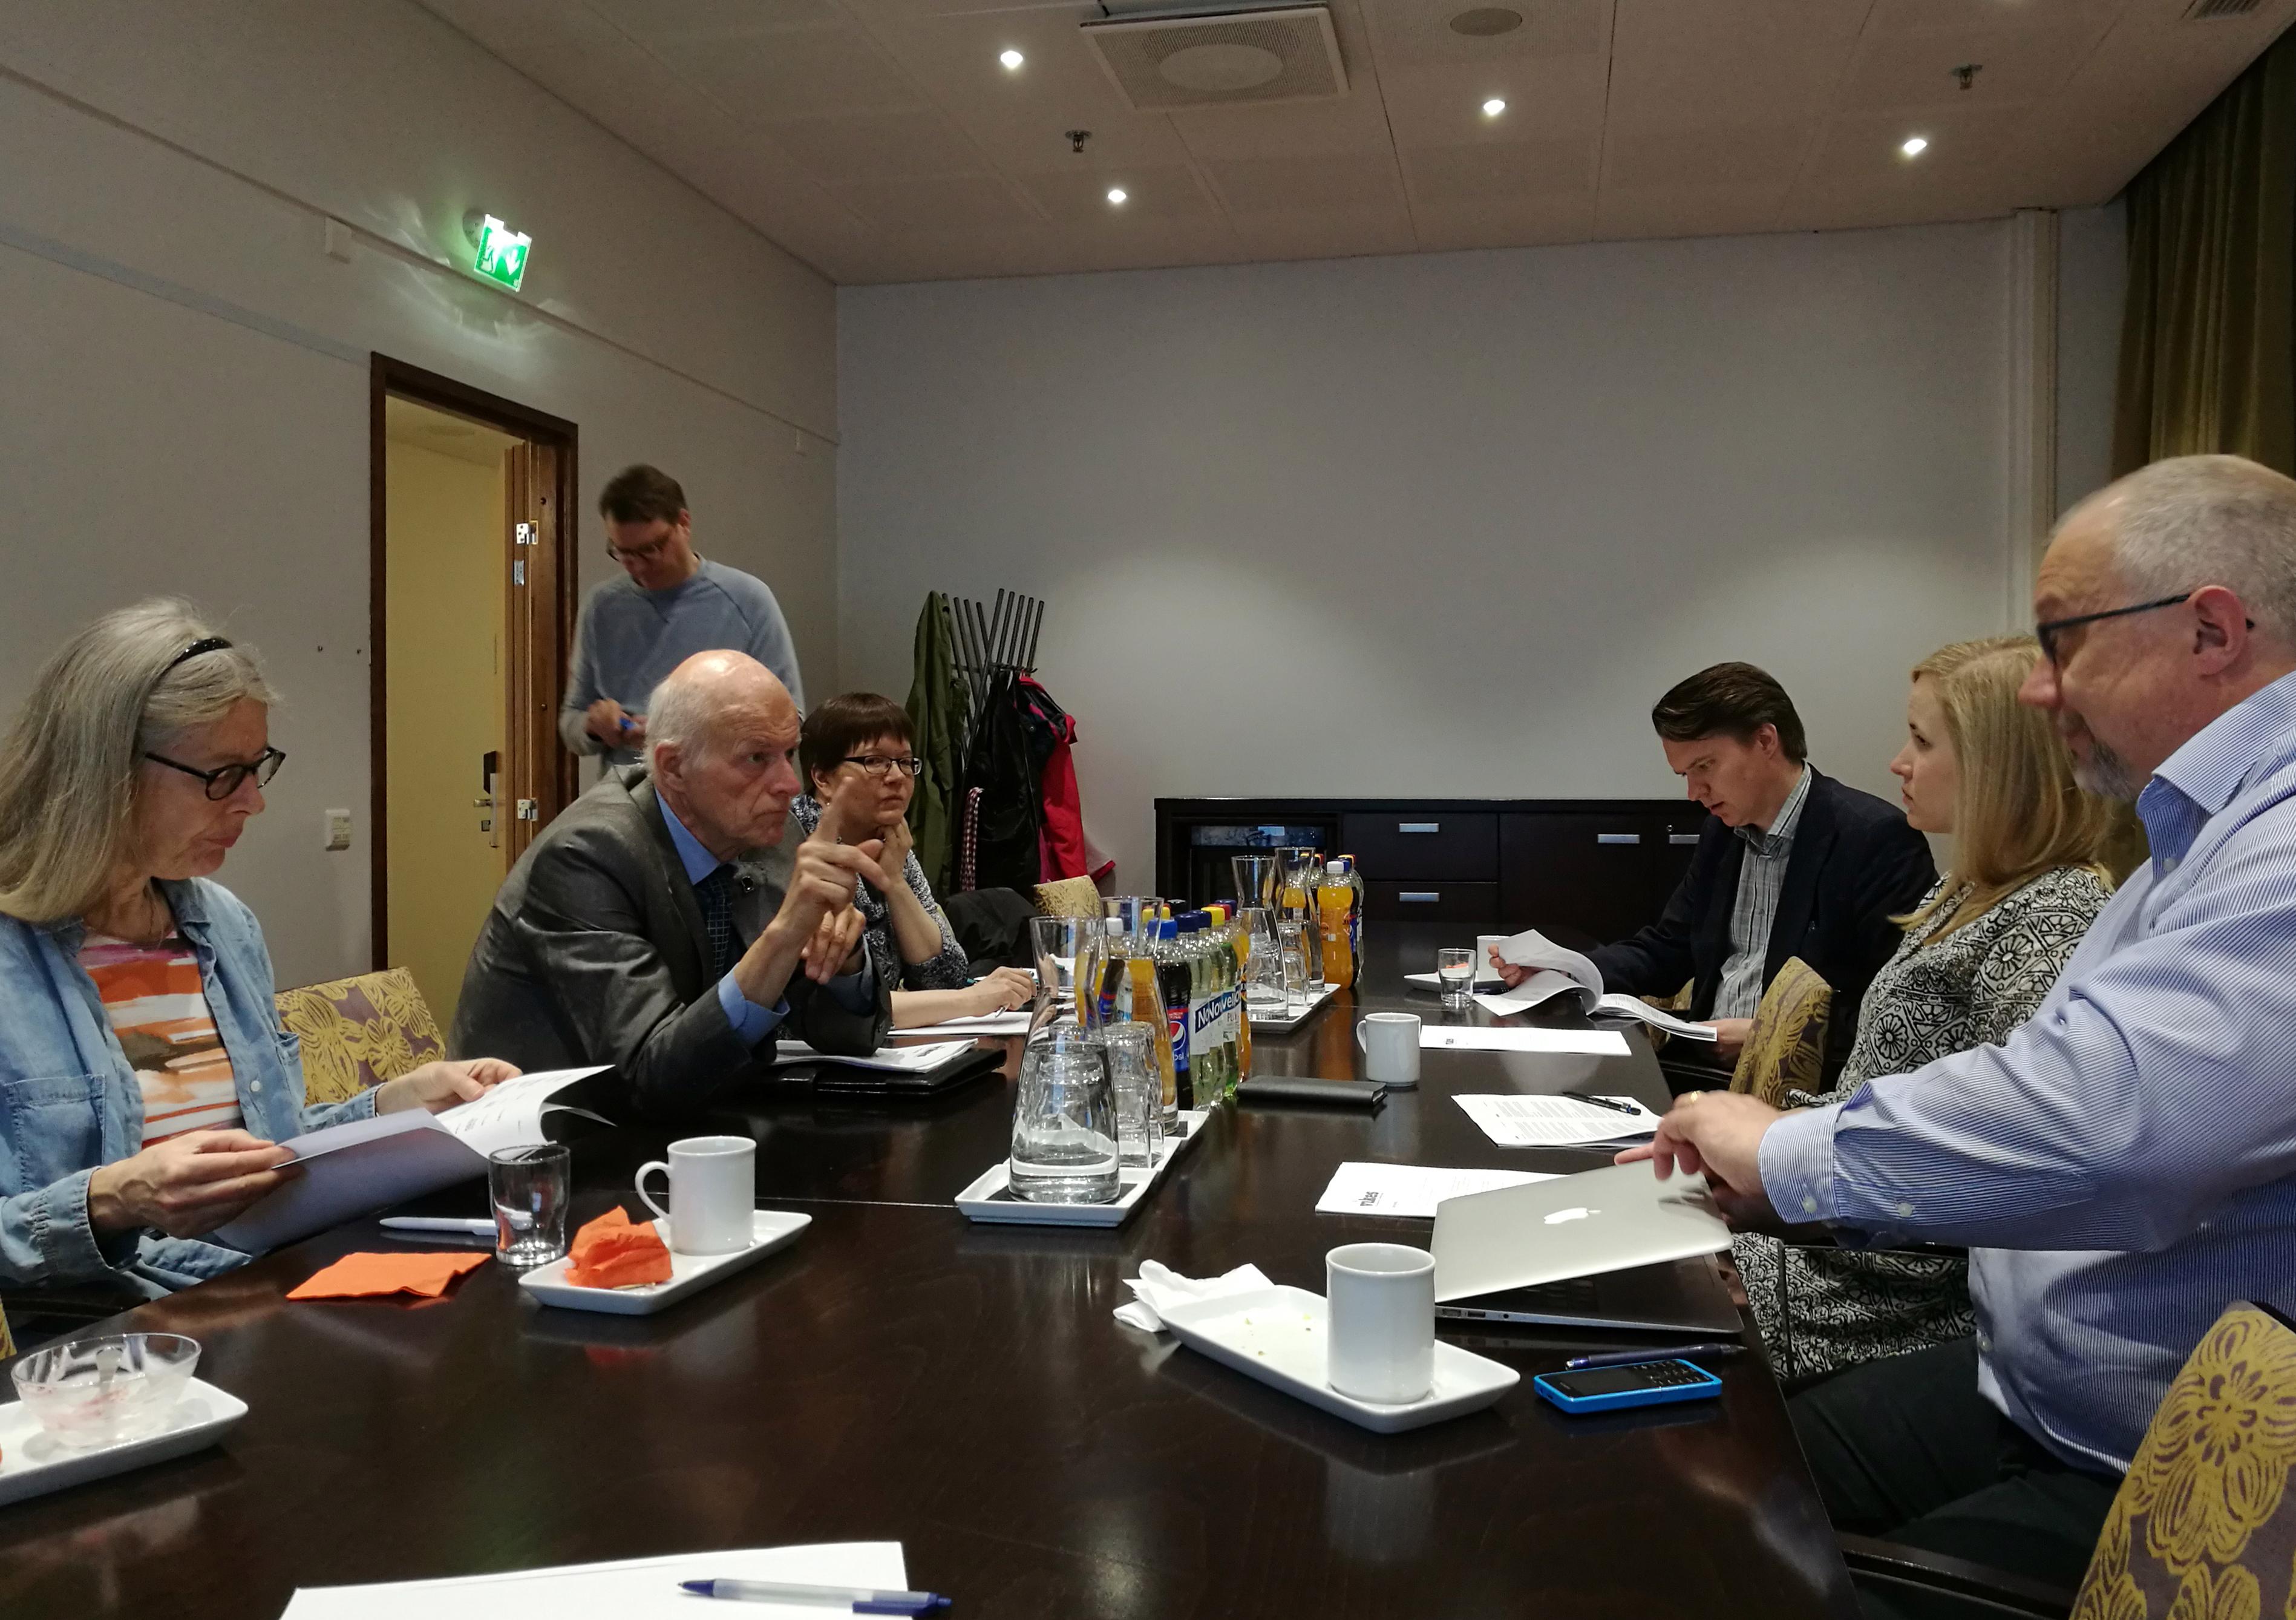 Vikesin kevätkokous, toimittajia pöydän ääressä